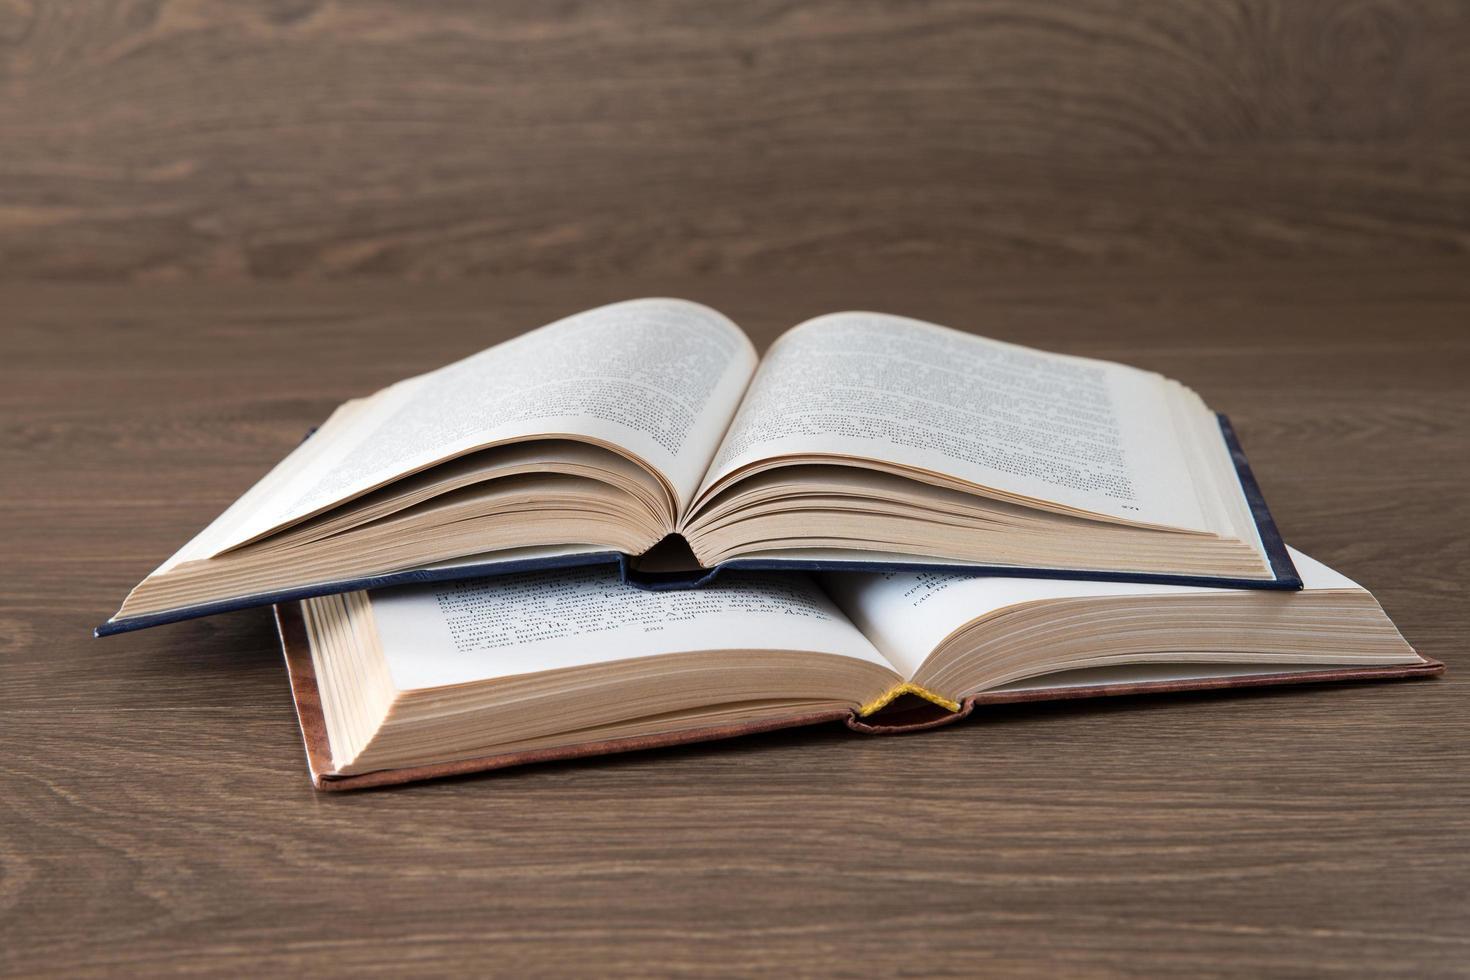 offenes Buch auf Holztisch foto